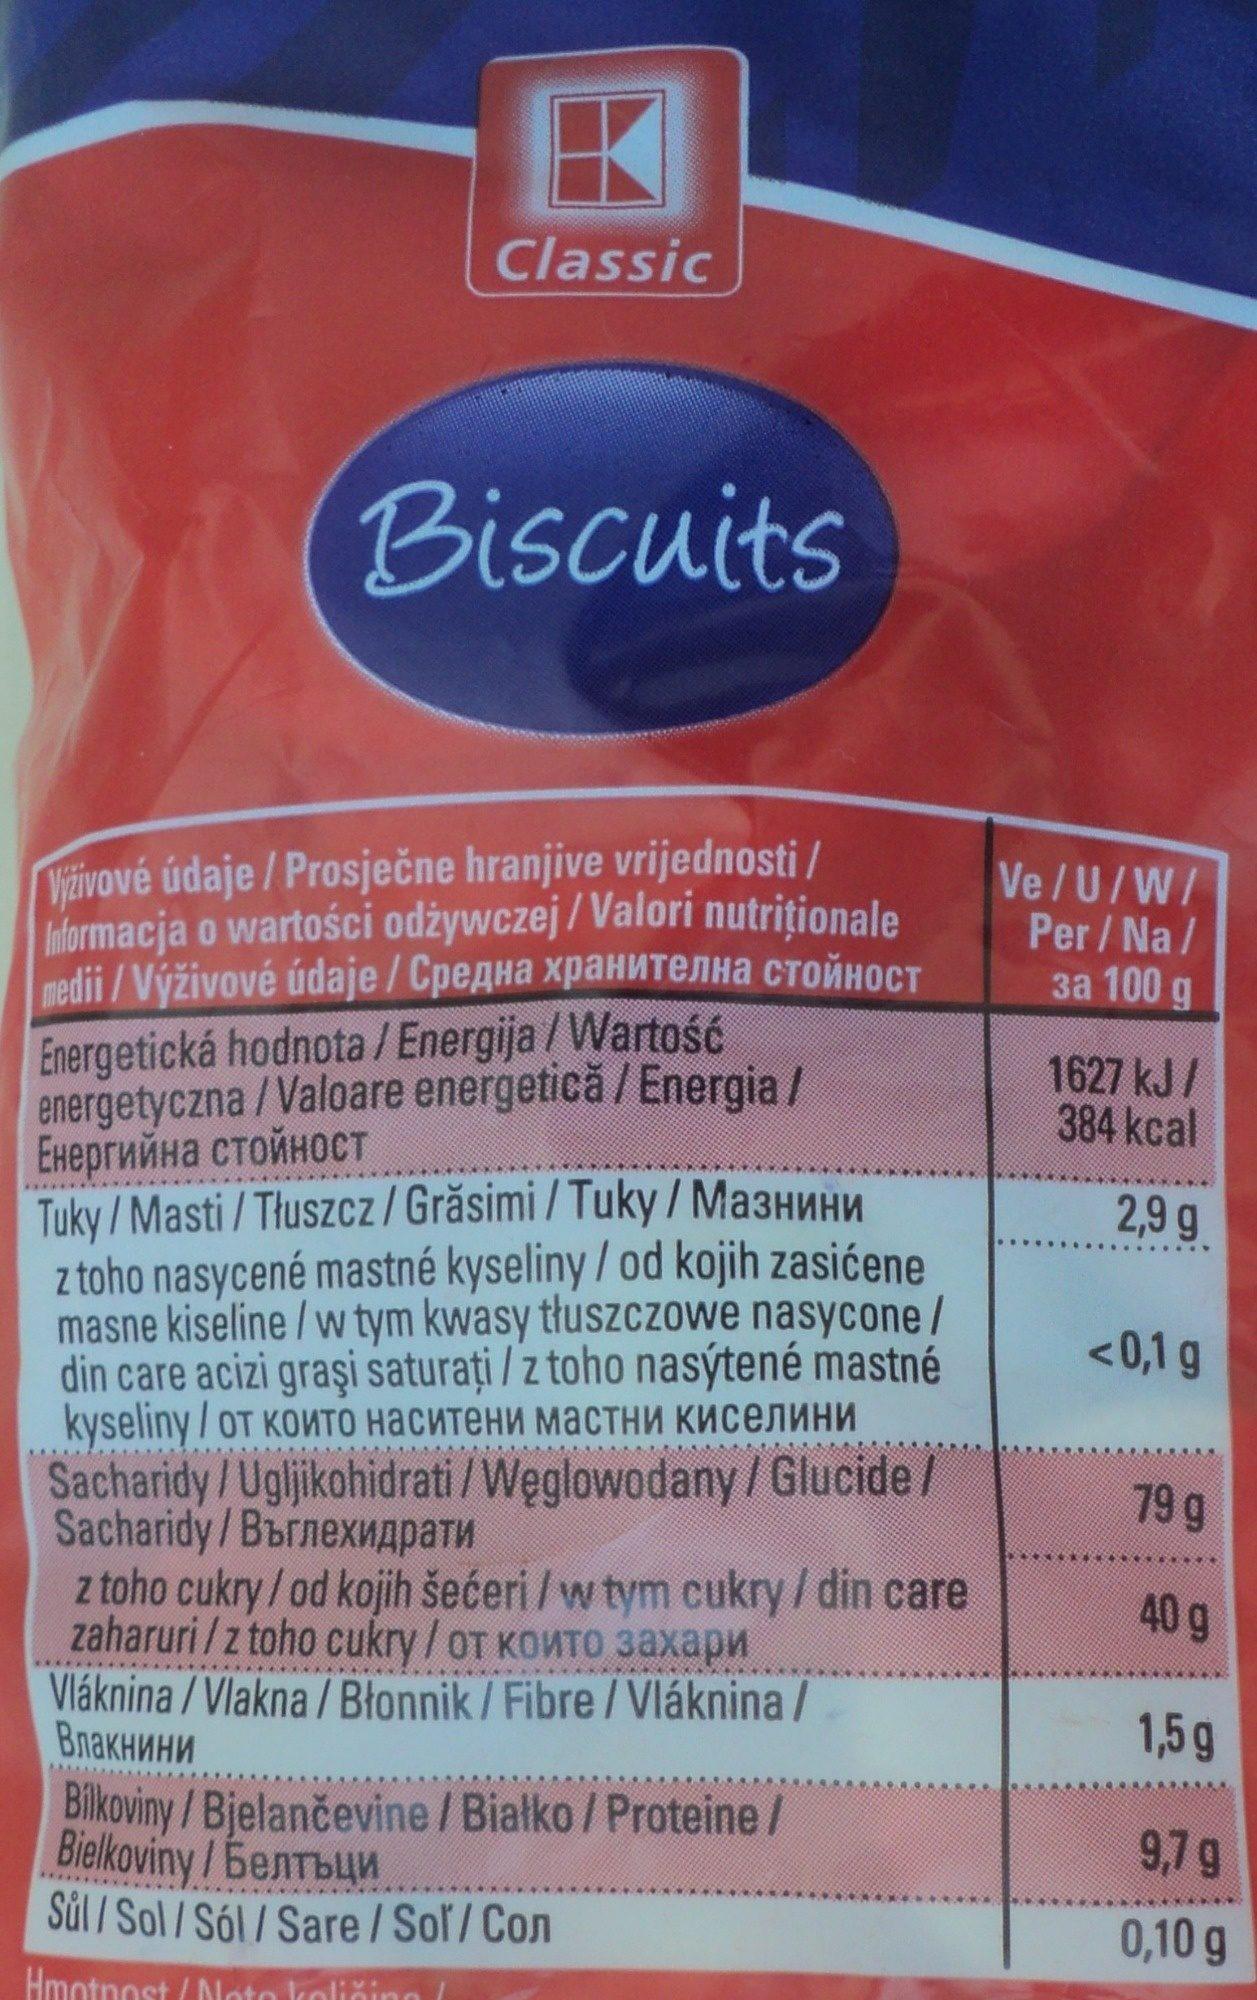 KClassic Biscuiți - Wartości odżywcze